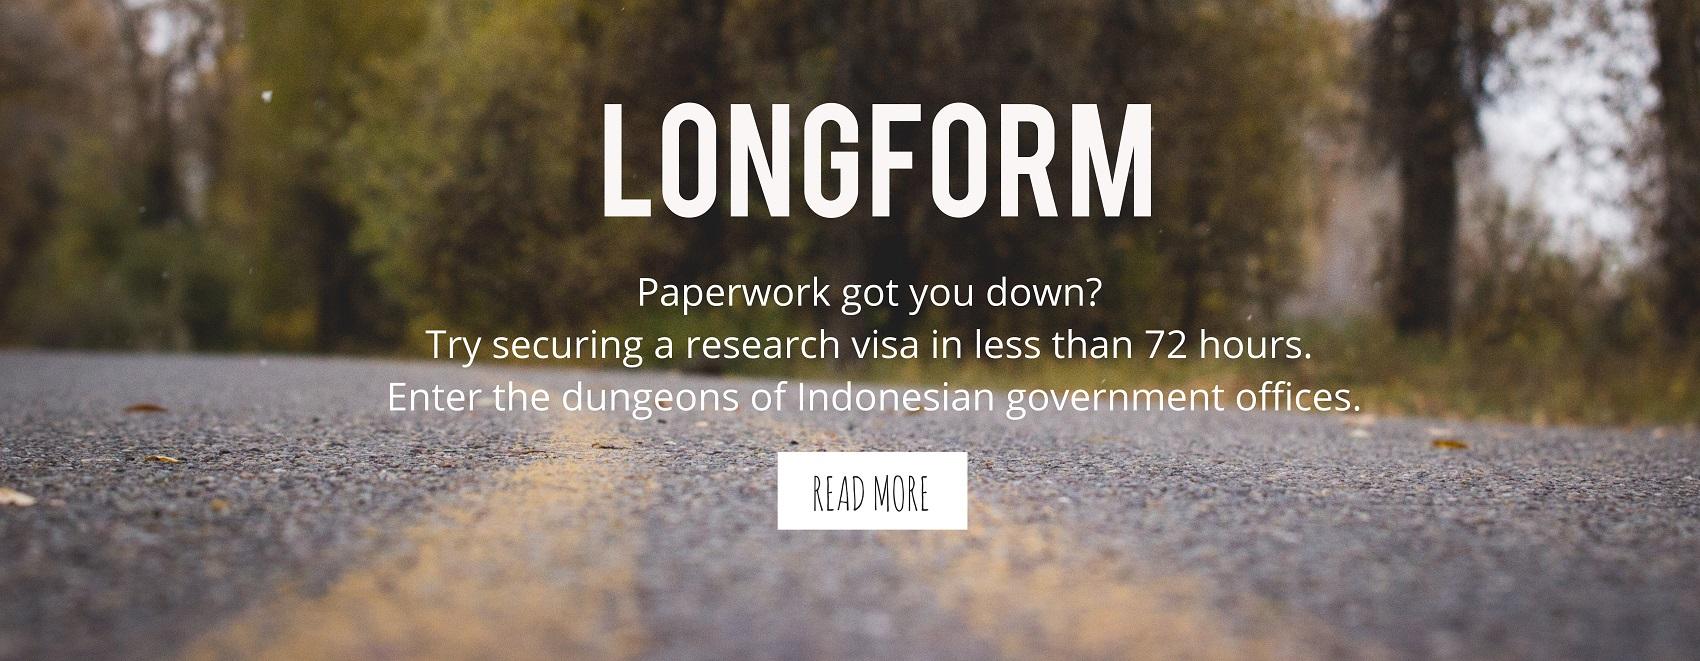 longform-readmore1111